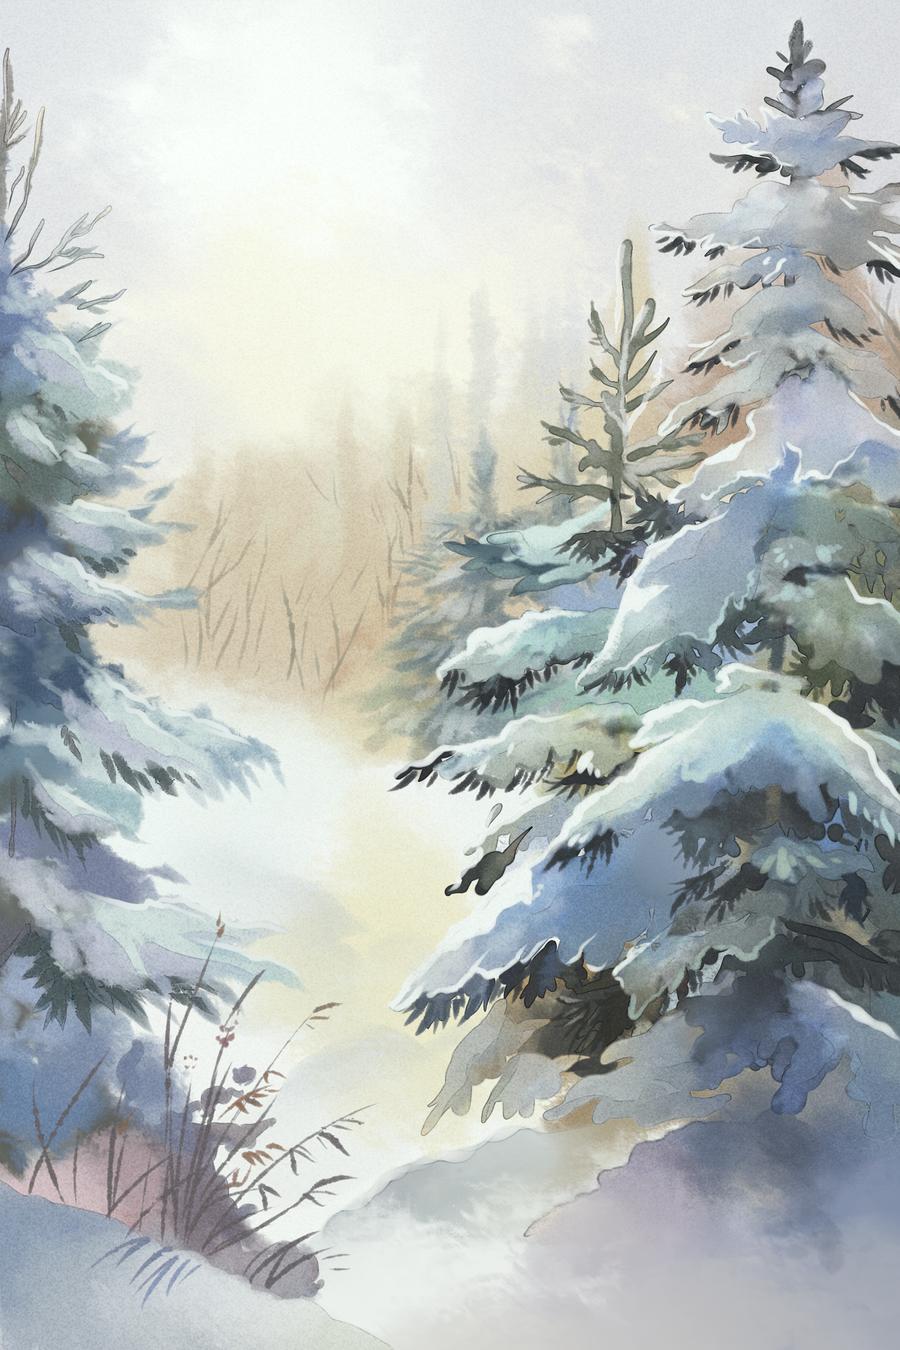 Winter by Zengel